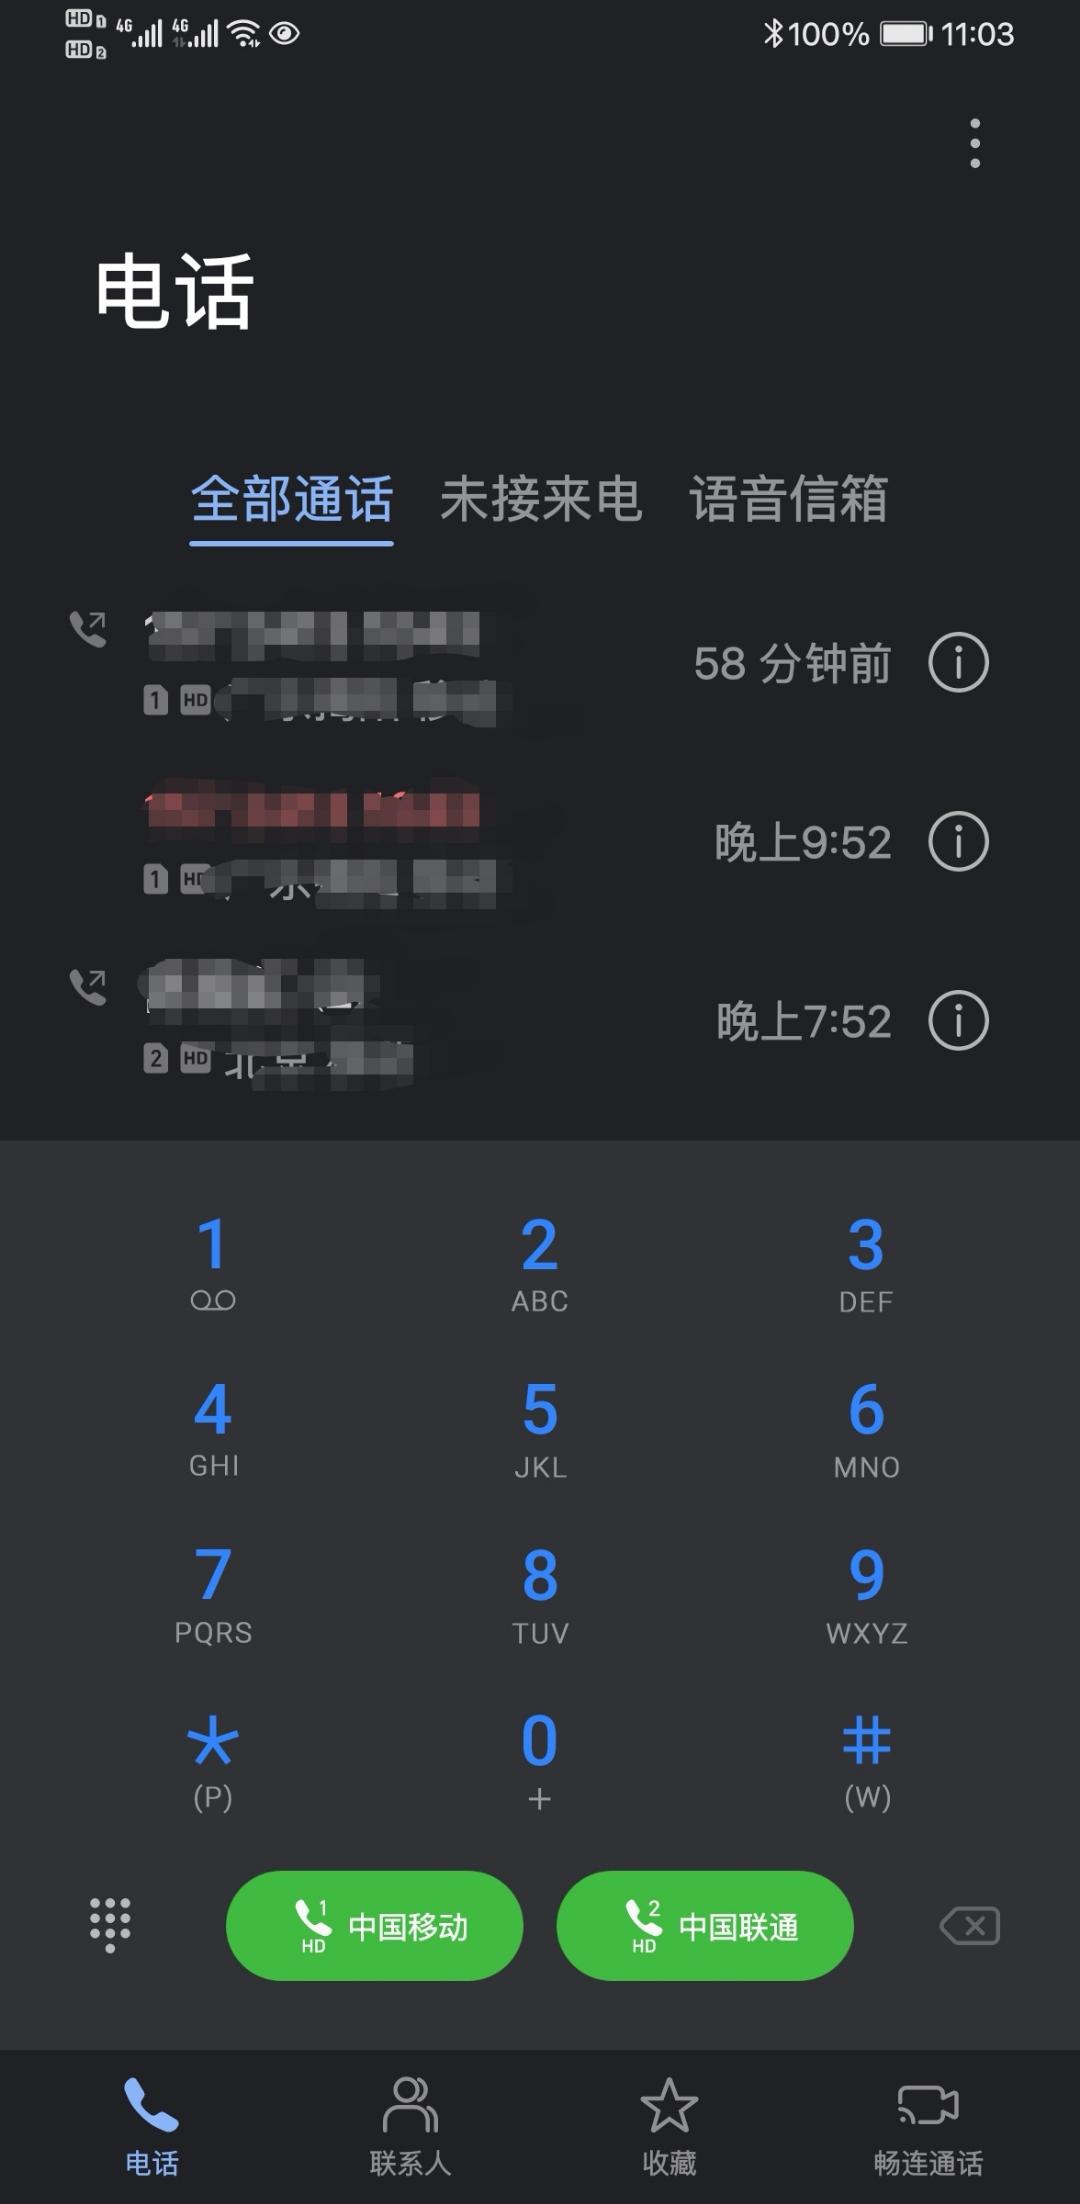 Screenshot_20200518_085517.jpg